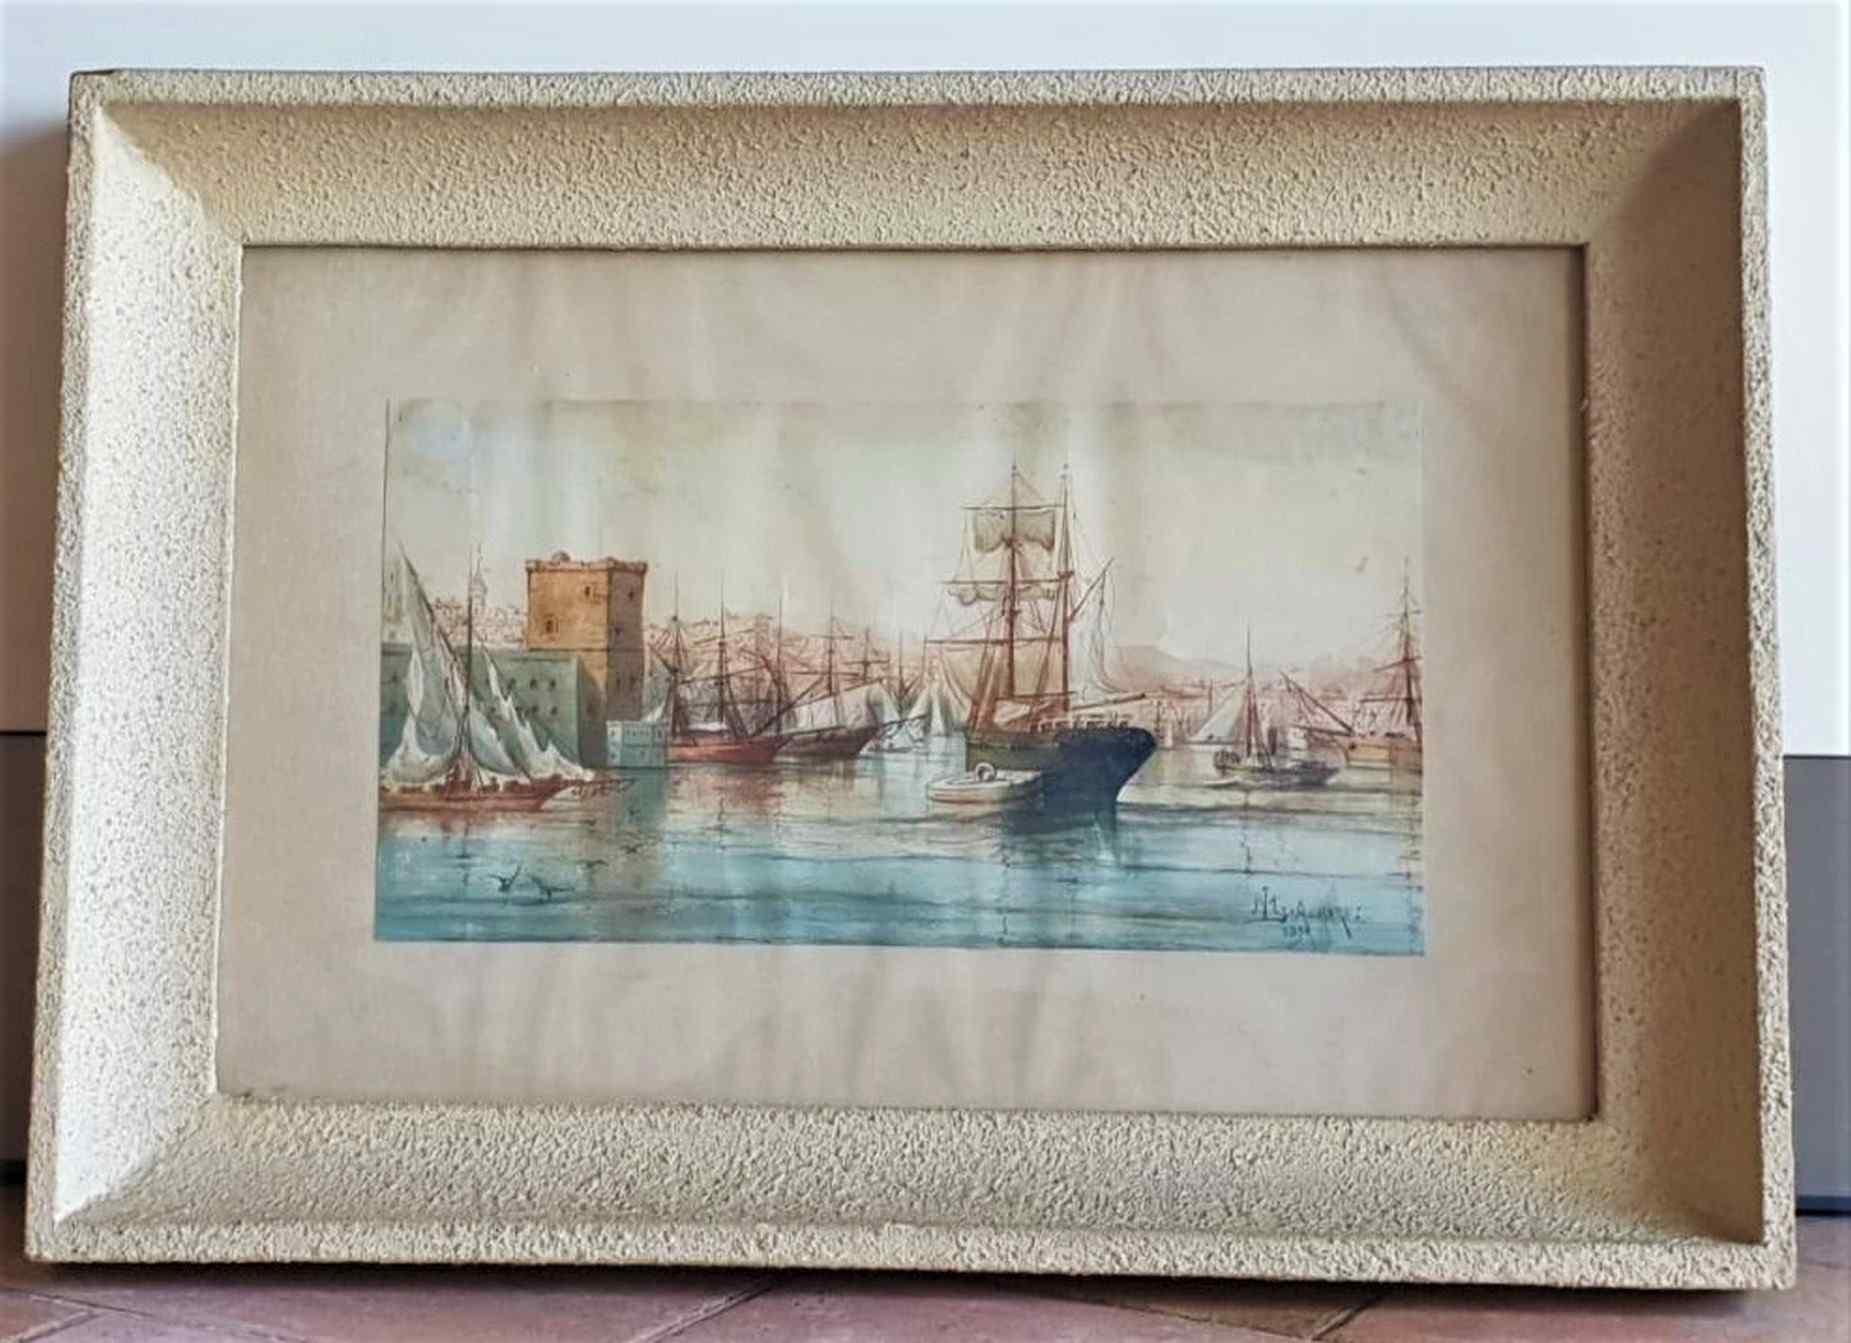 M Achard, Port De Marseille, acquerello del XIX secolo